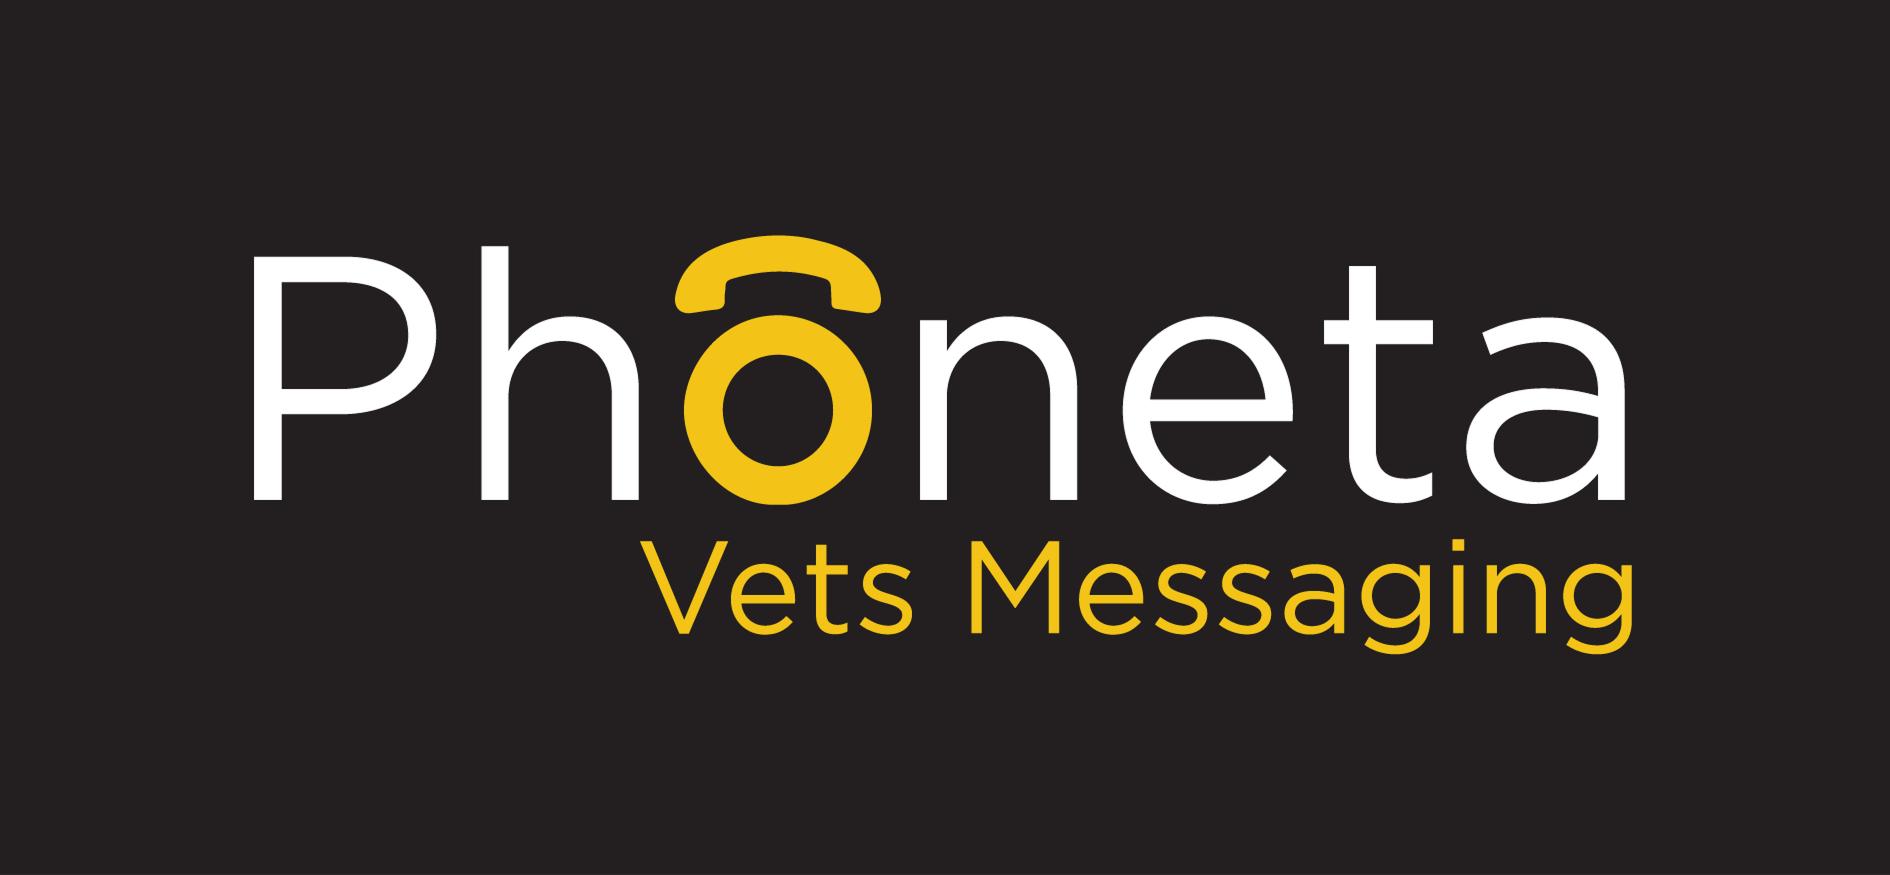 Phoneta Vets Messaging